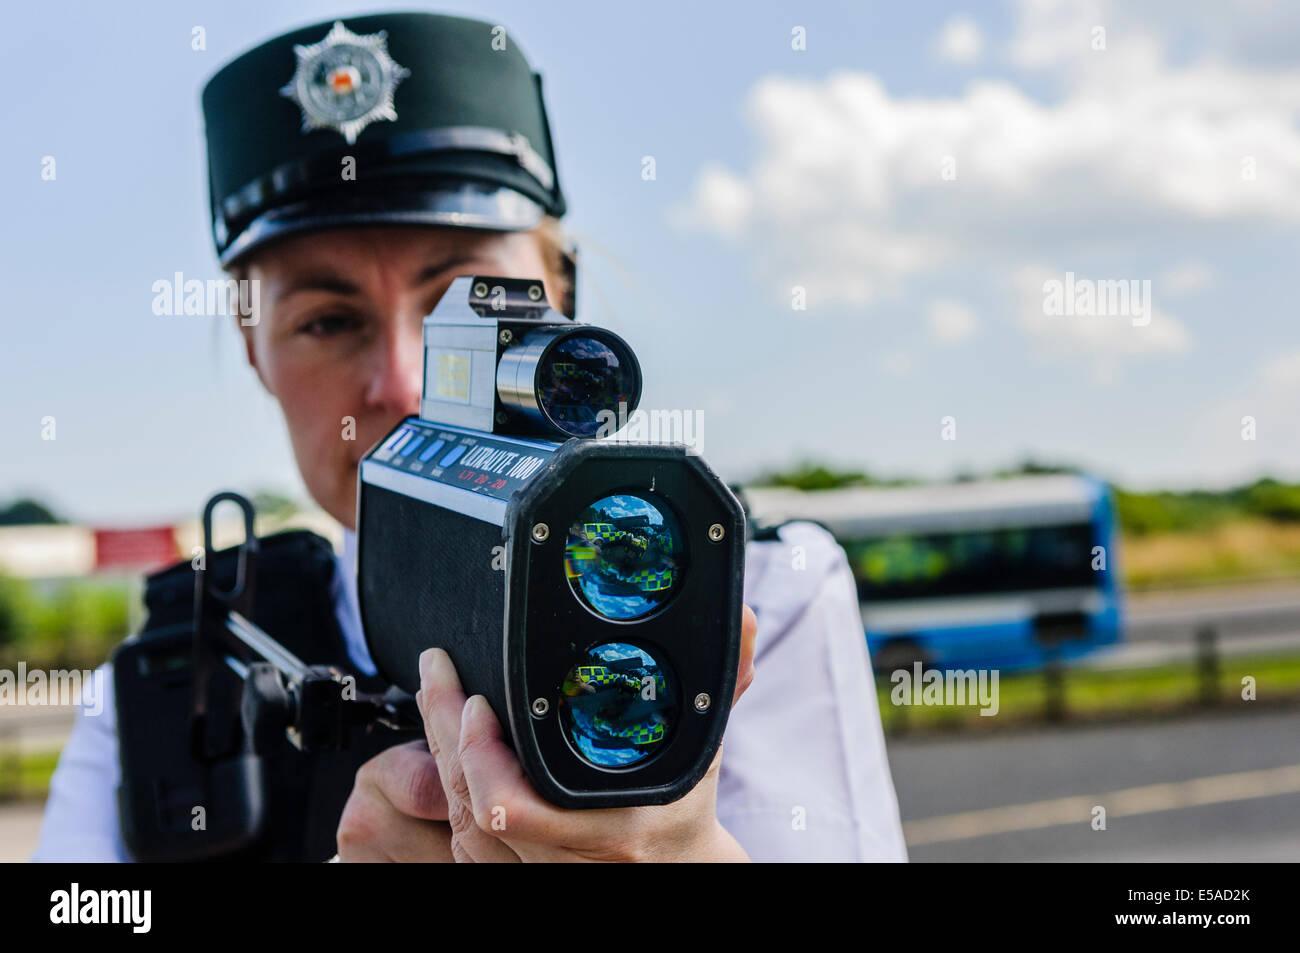 Lisburn, Nordirland. 25. Juli 2014. -Polizei Inspektor Rosie Blutegel aus dem Road Policing Zweig verwendet eine Stockfoto